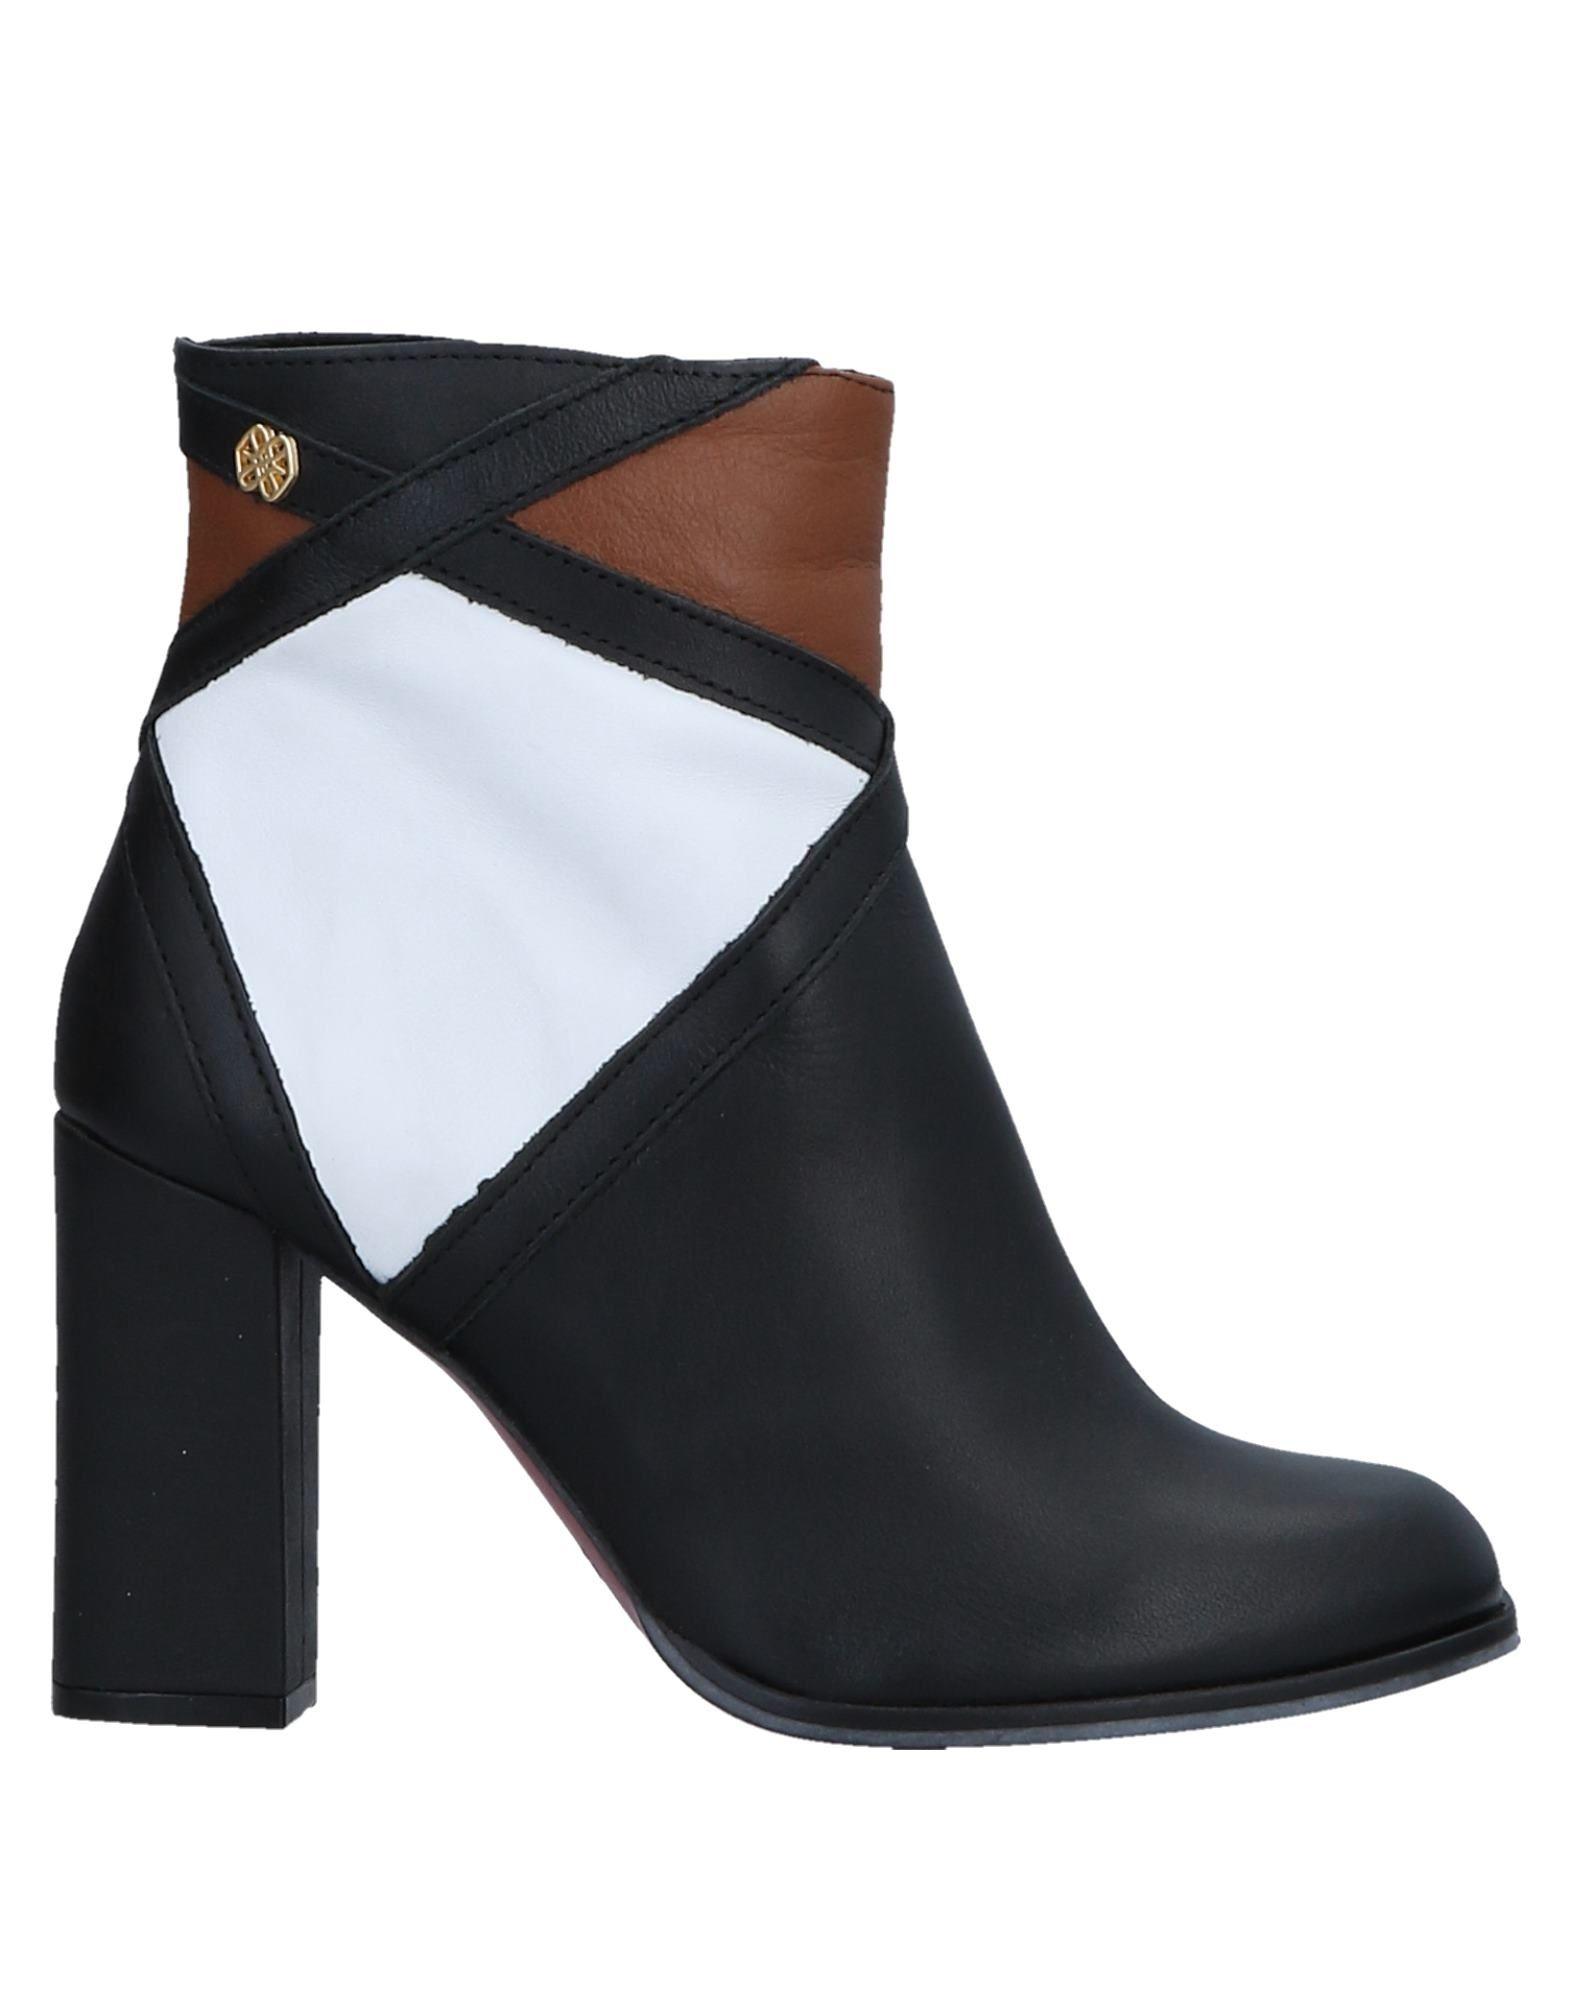 Cuplé Stiefelette Damen  11541280OC Gute Qualität beliebte Schuhe